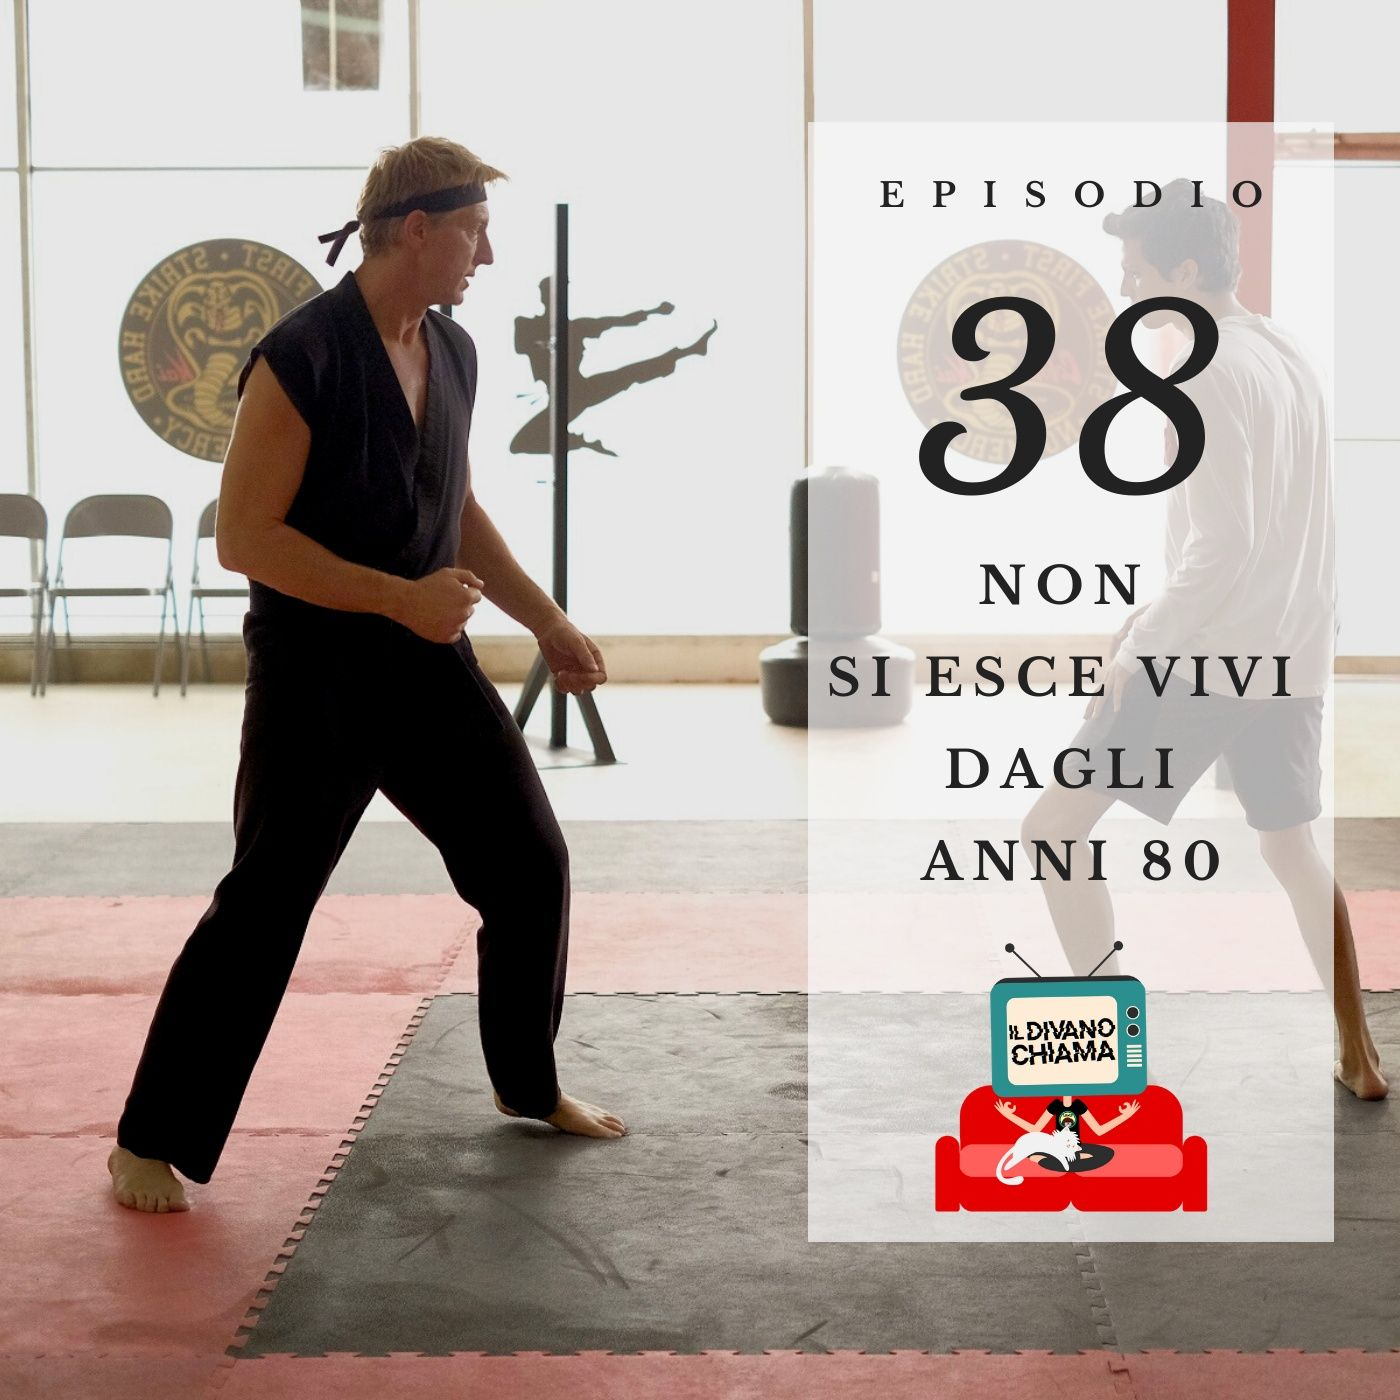 Puntata 38 - Non si esce vivi dagli anni 80